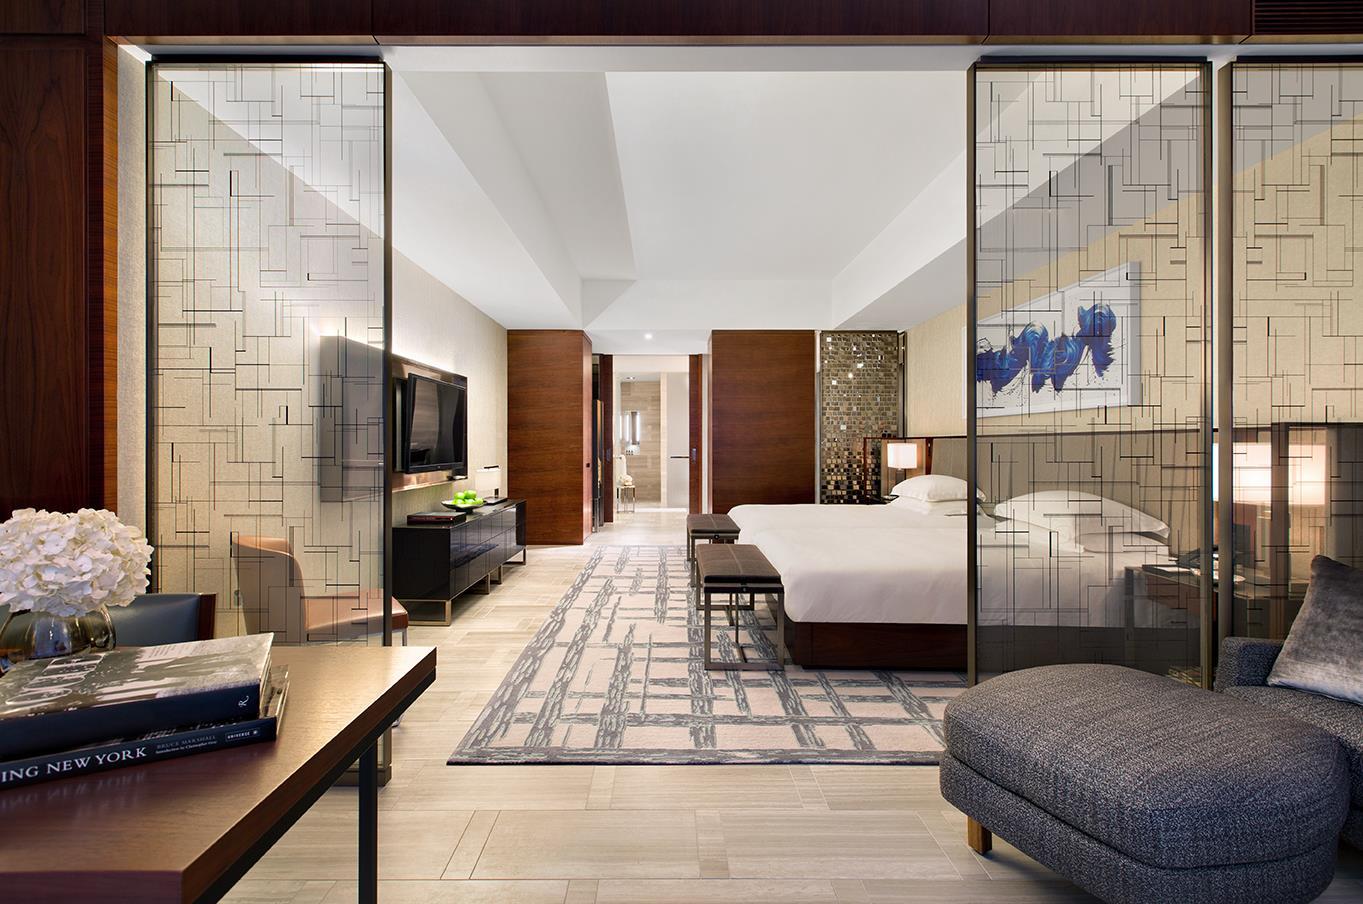 The Living Room New York Park Hyatt